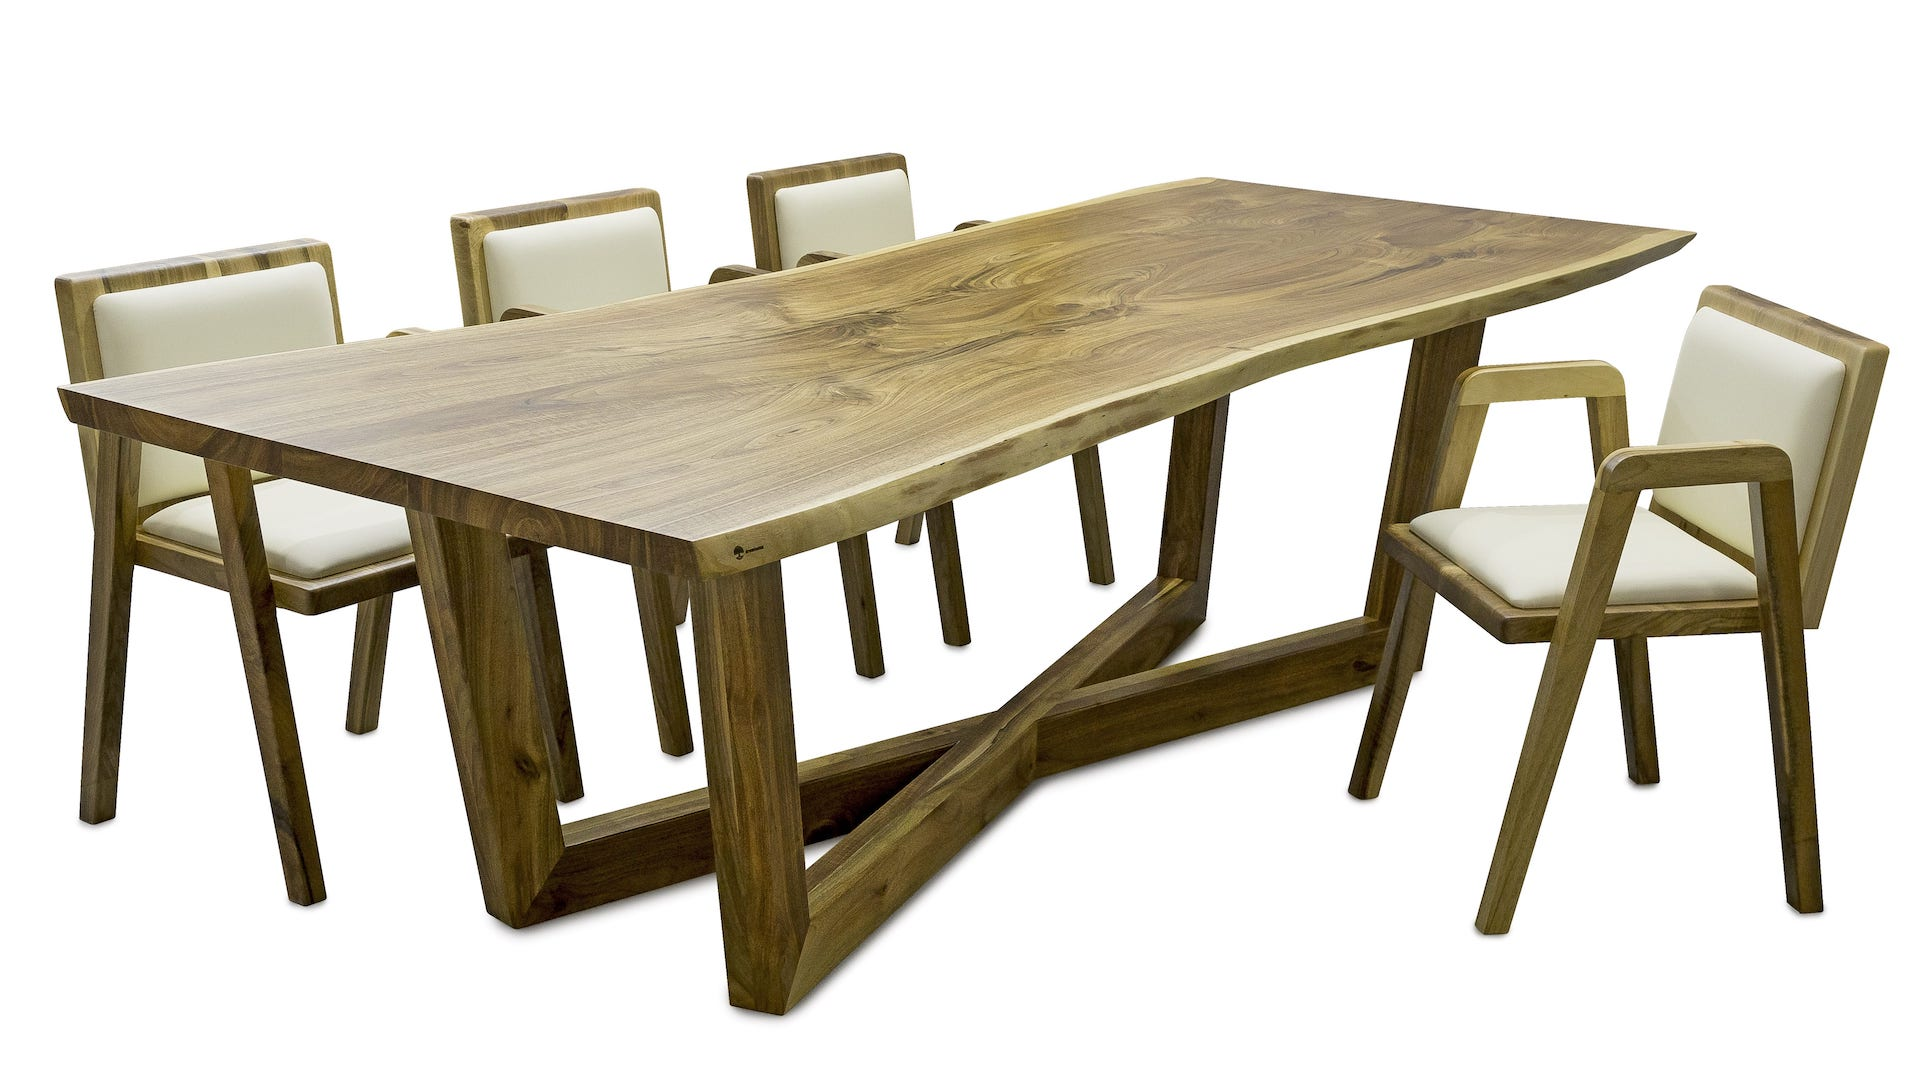 Salon meblowy Mebest Poznan, meble Drewbetex  stol Laguna z drewna litego orzechowego